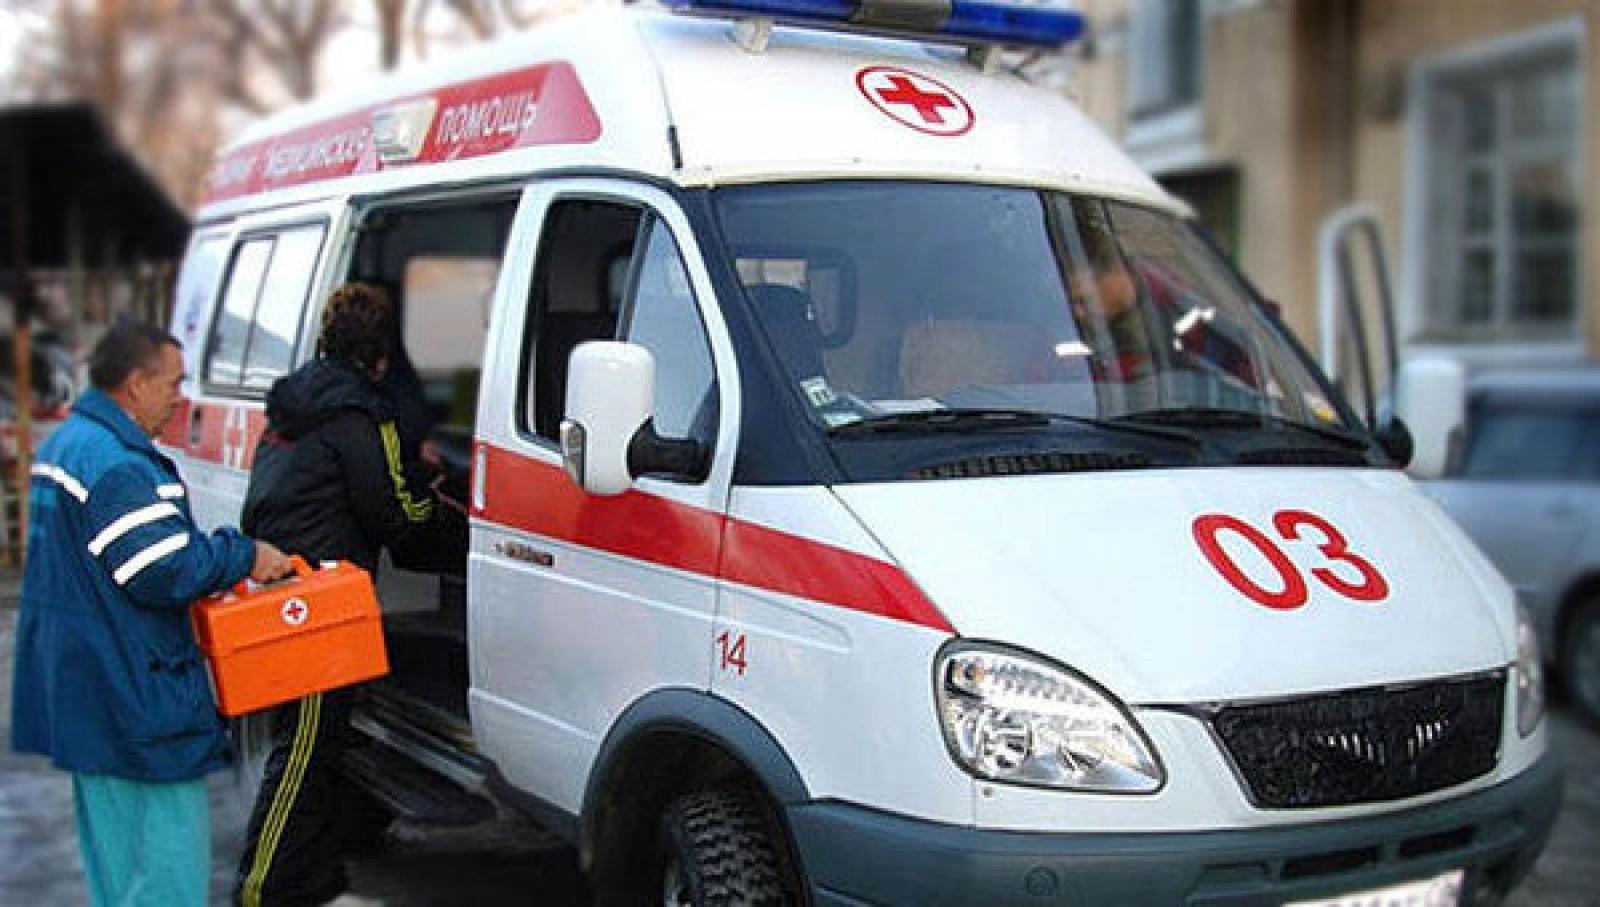 Два человека пострадали вДТП смашиной скорой помощи насевере столицы